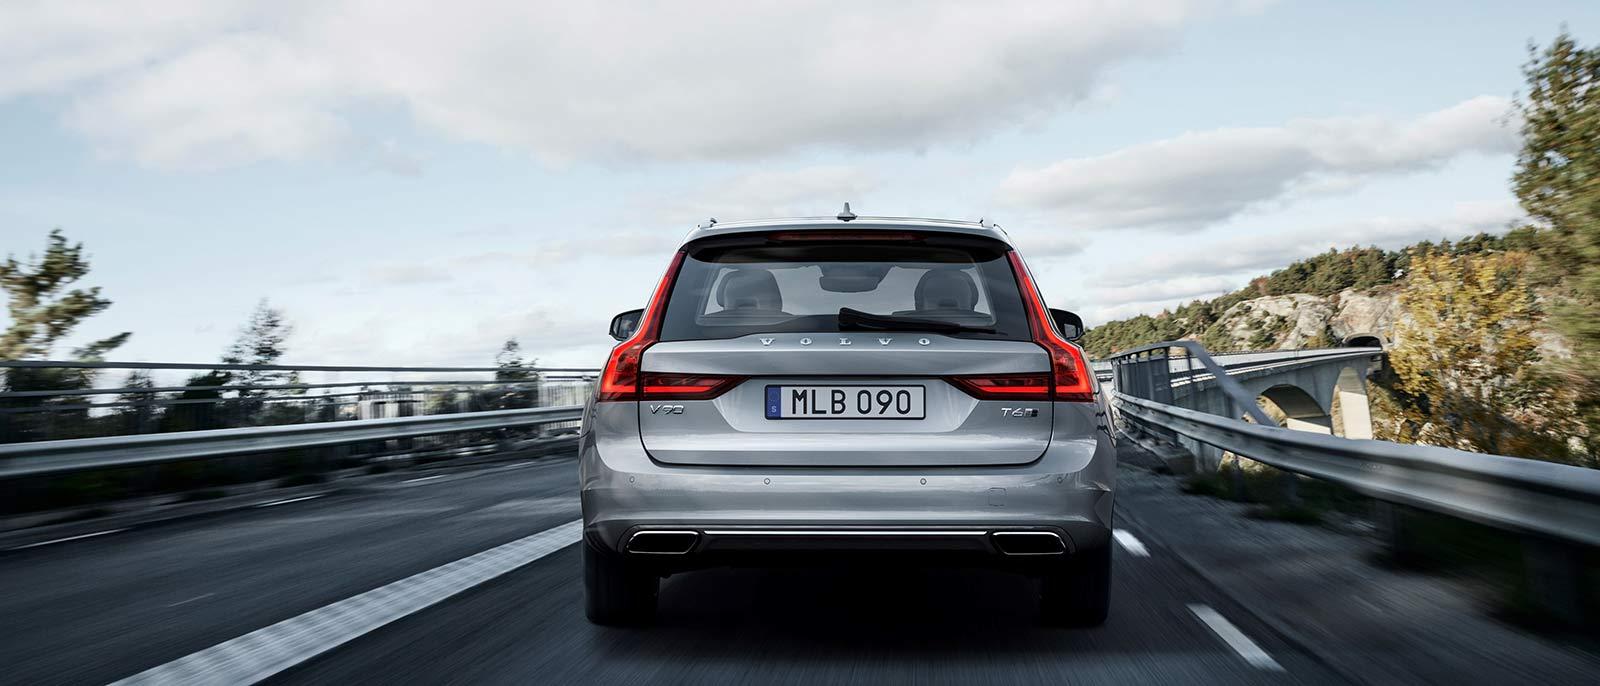 The 2018 Volvo V90 Model | Underriner Volvo Billings, MT